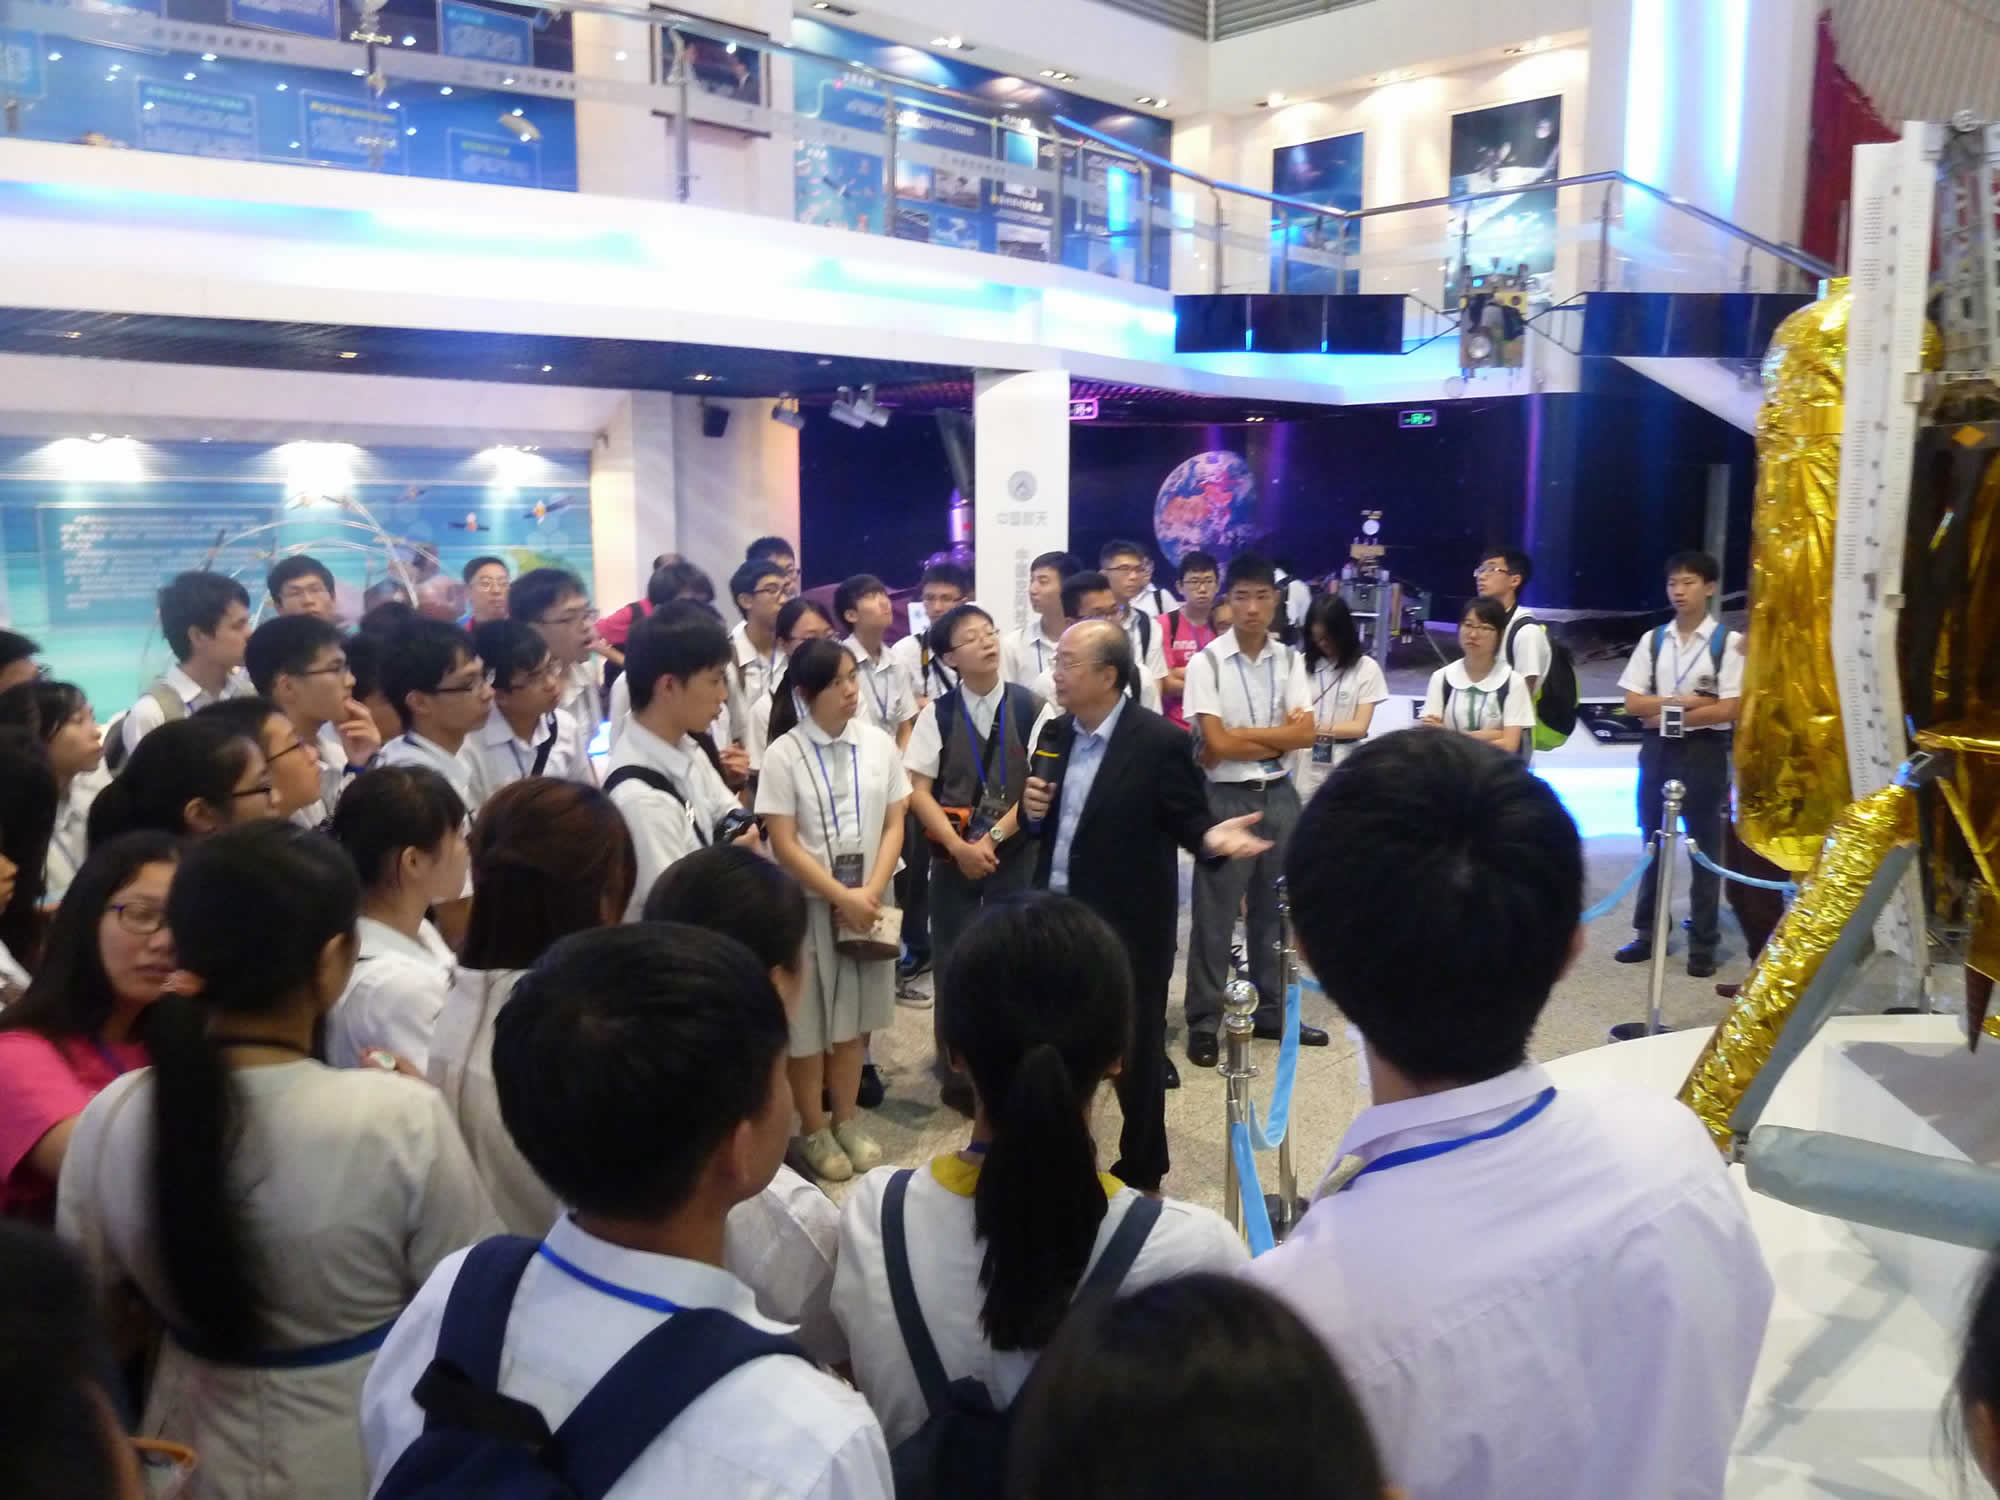 在中國空間技術研究院,嫦娥三號攝影系統設計者容啟亮教授為學生簡介月球攝影情况 (2)